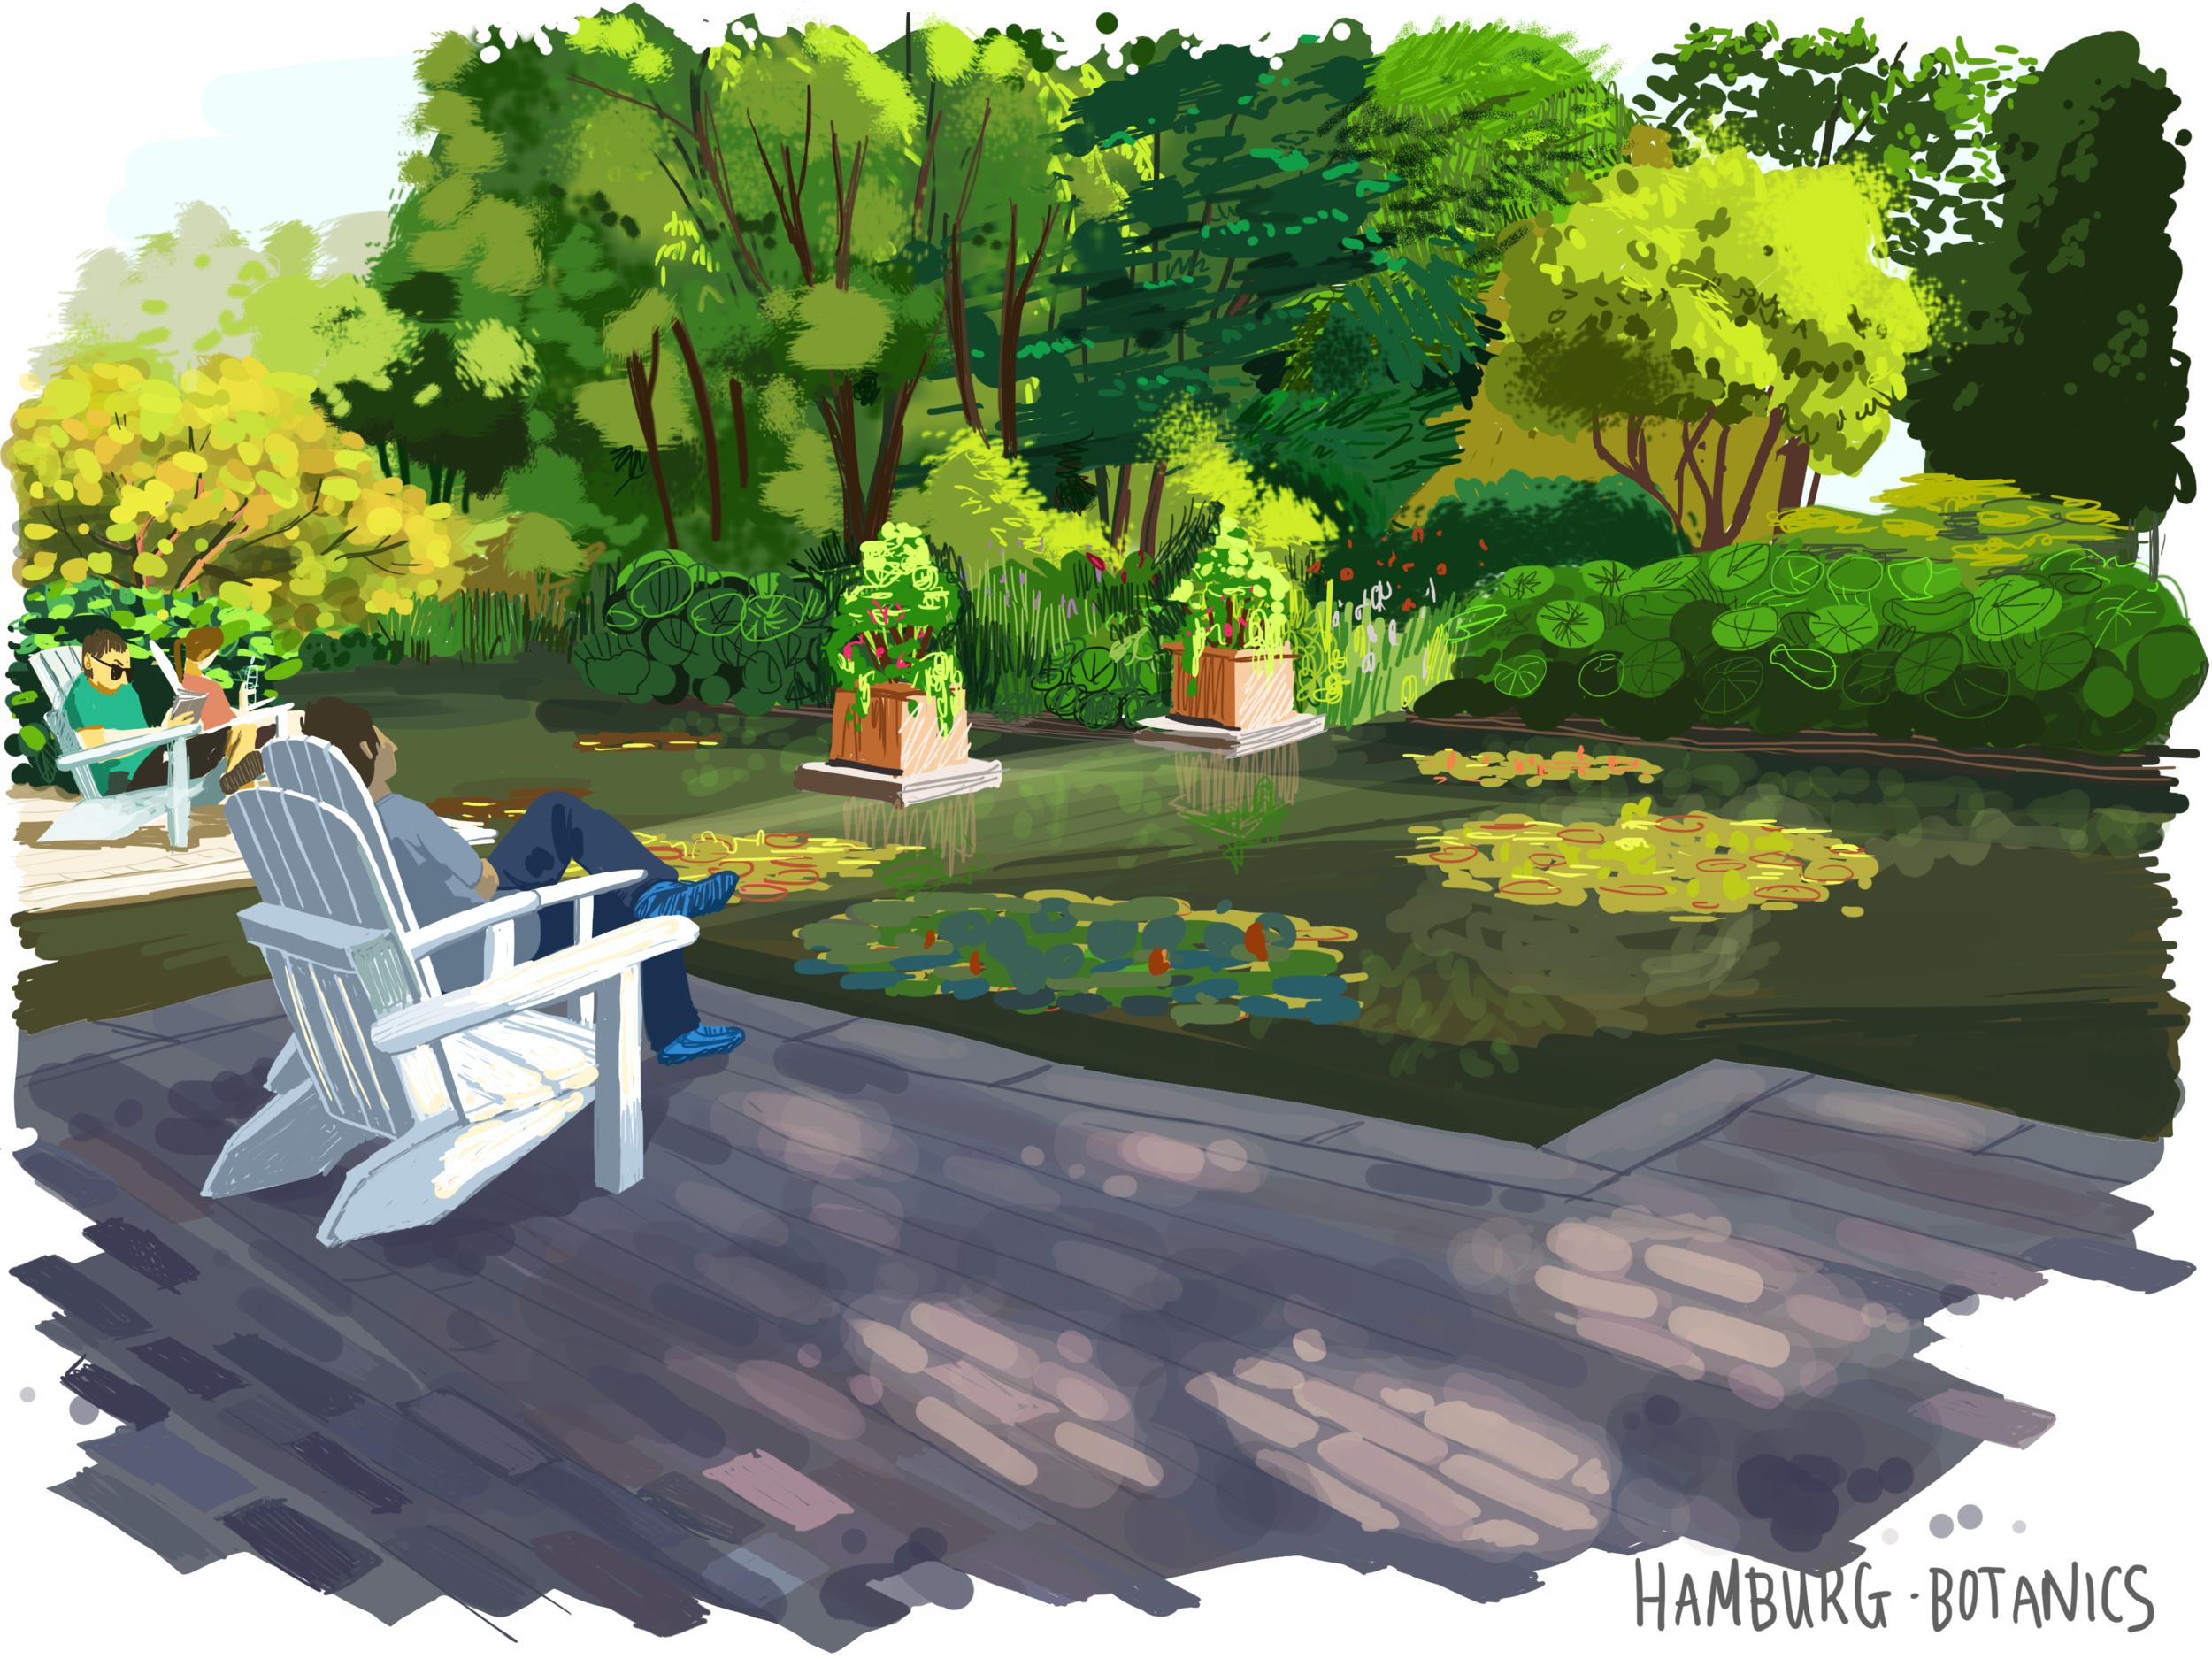 hamburg-botanics.png